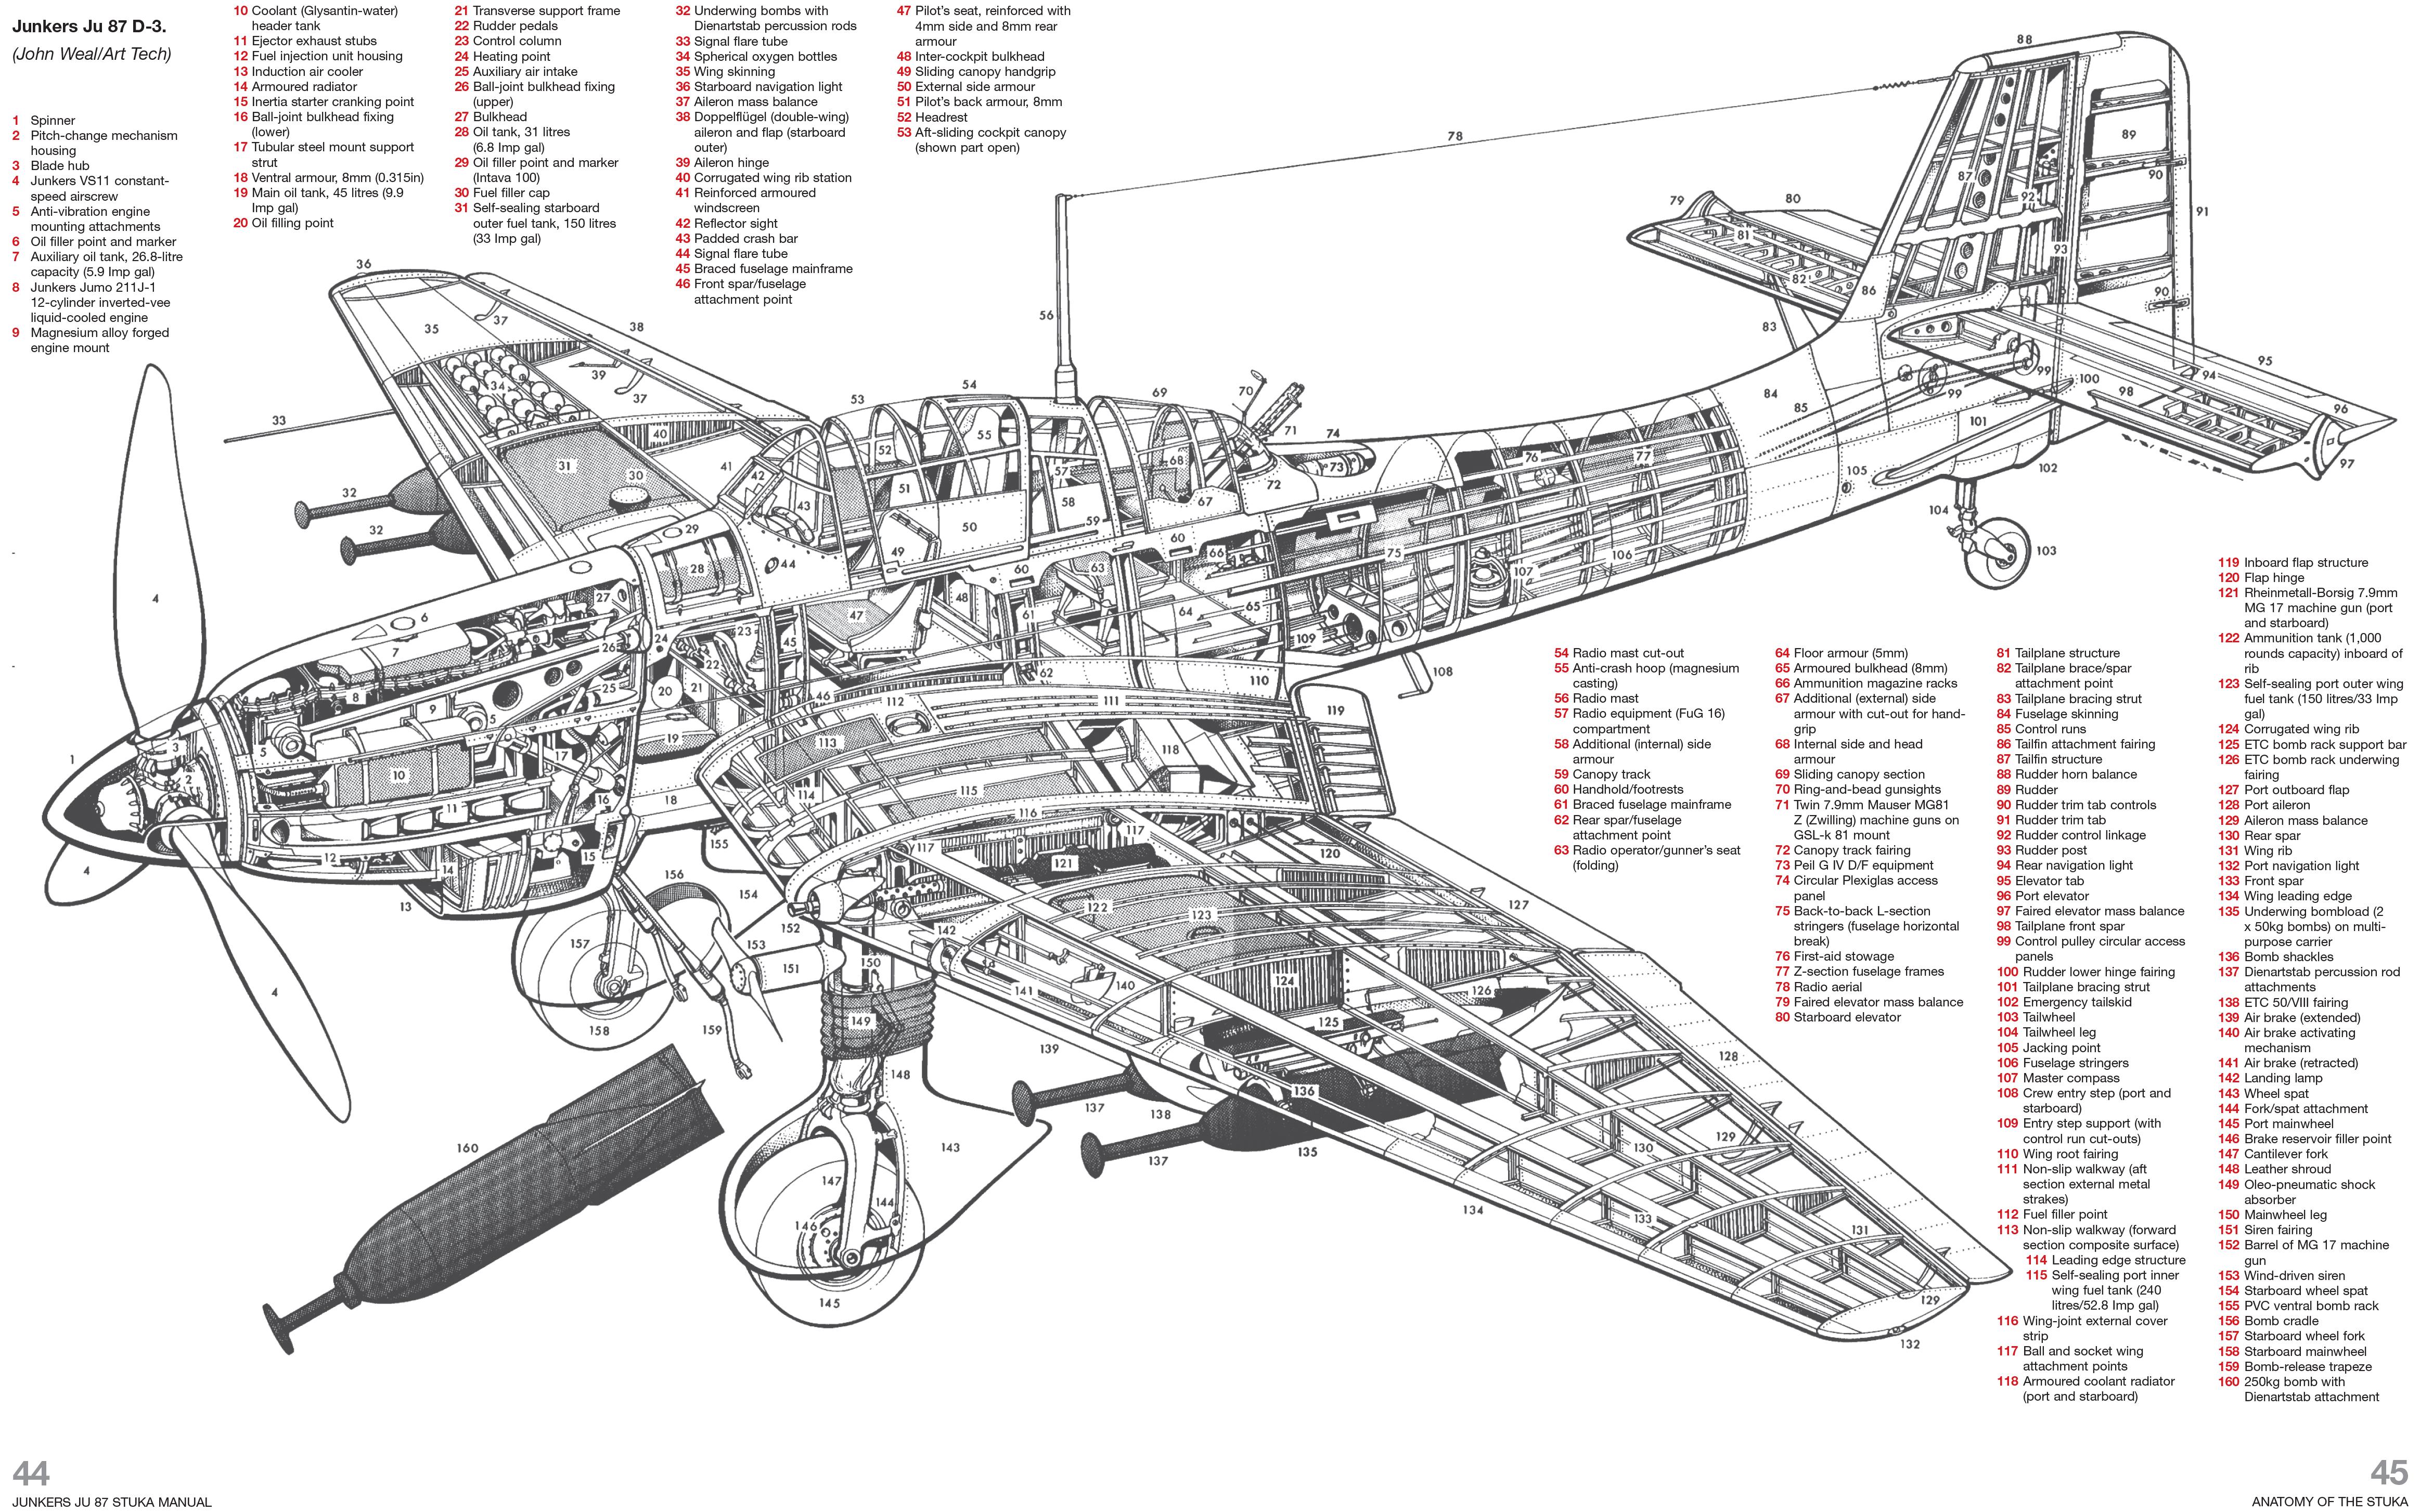 Junkers Ju 87 Stuka Manual